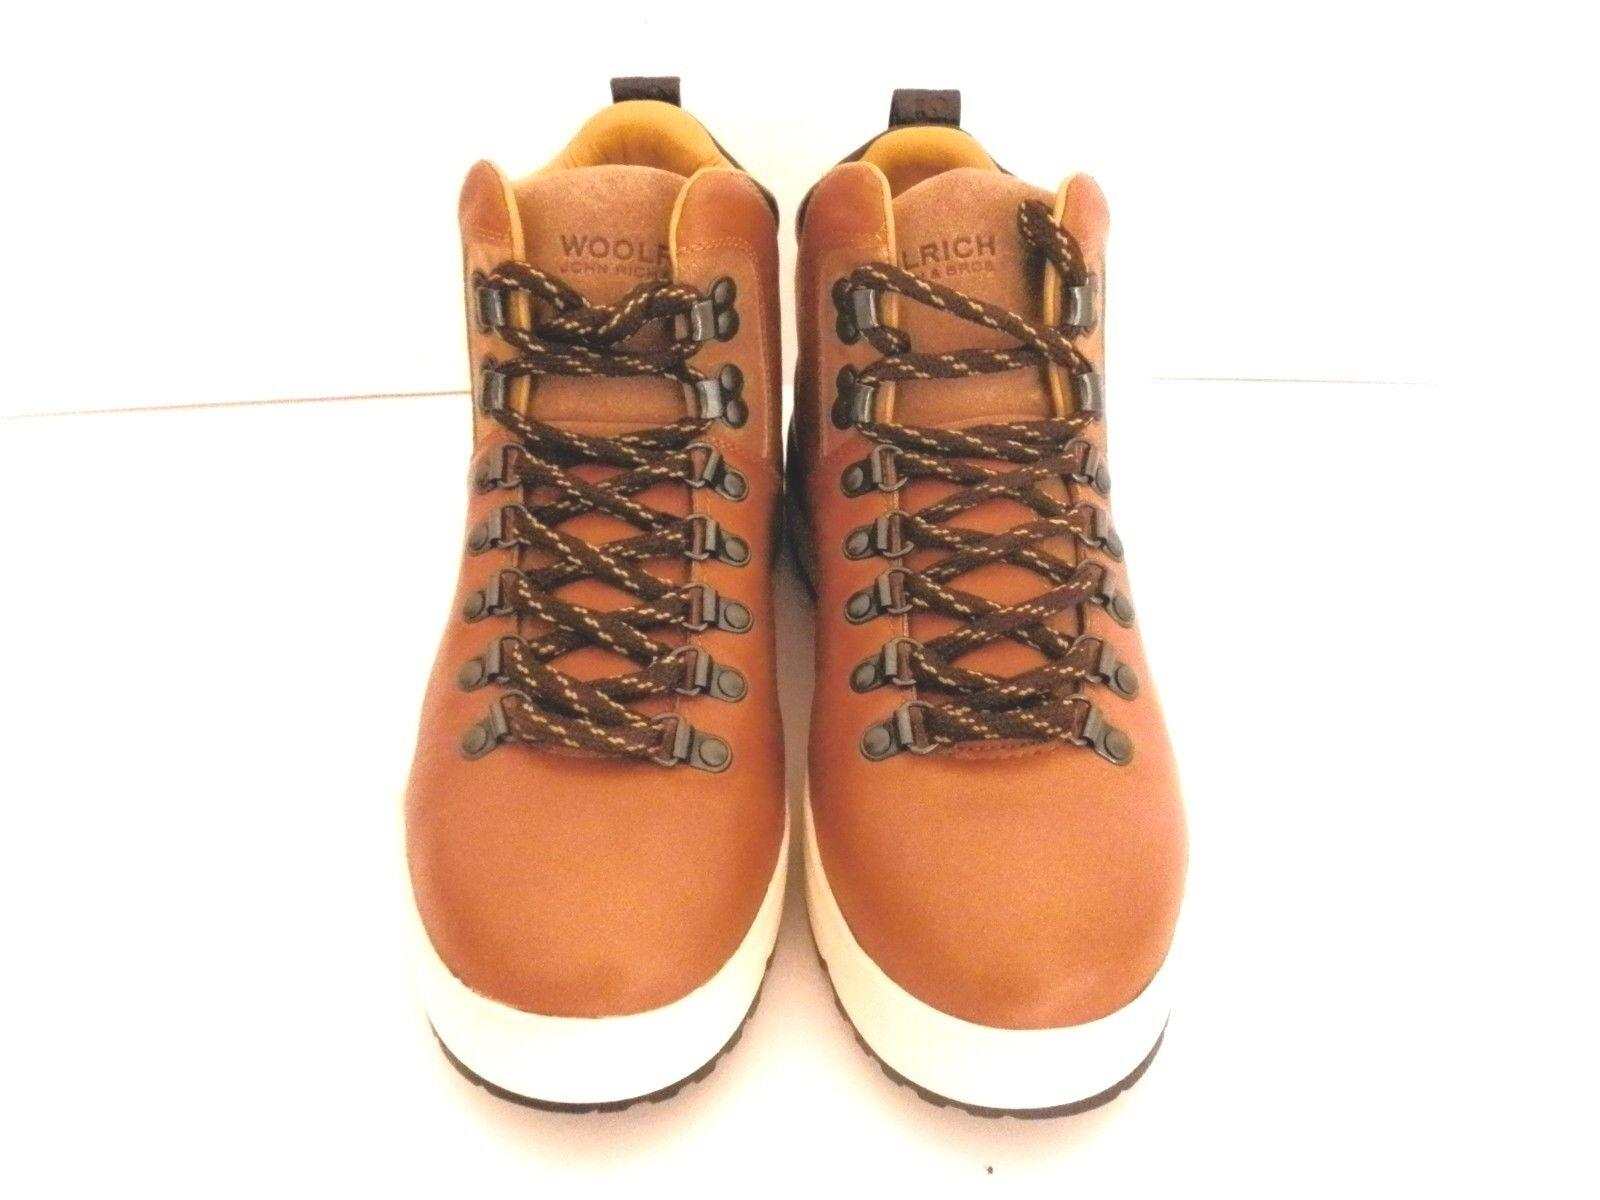 WOOLRICH JOHN RICH & BROS QUEBEC TAN WALKING HIKING Stiefel UK 6.5  EUR 39 NEW